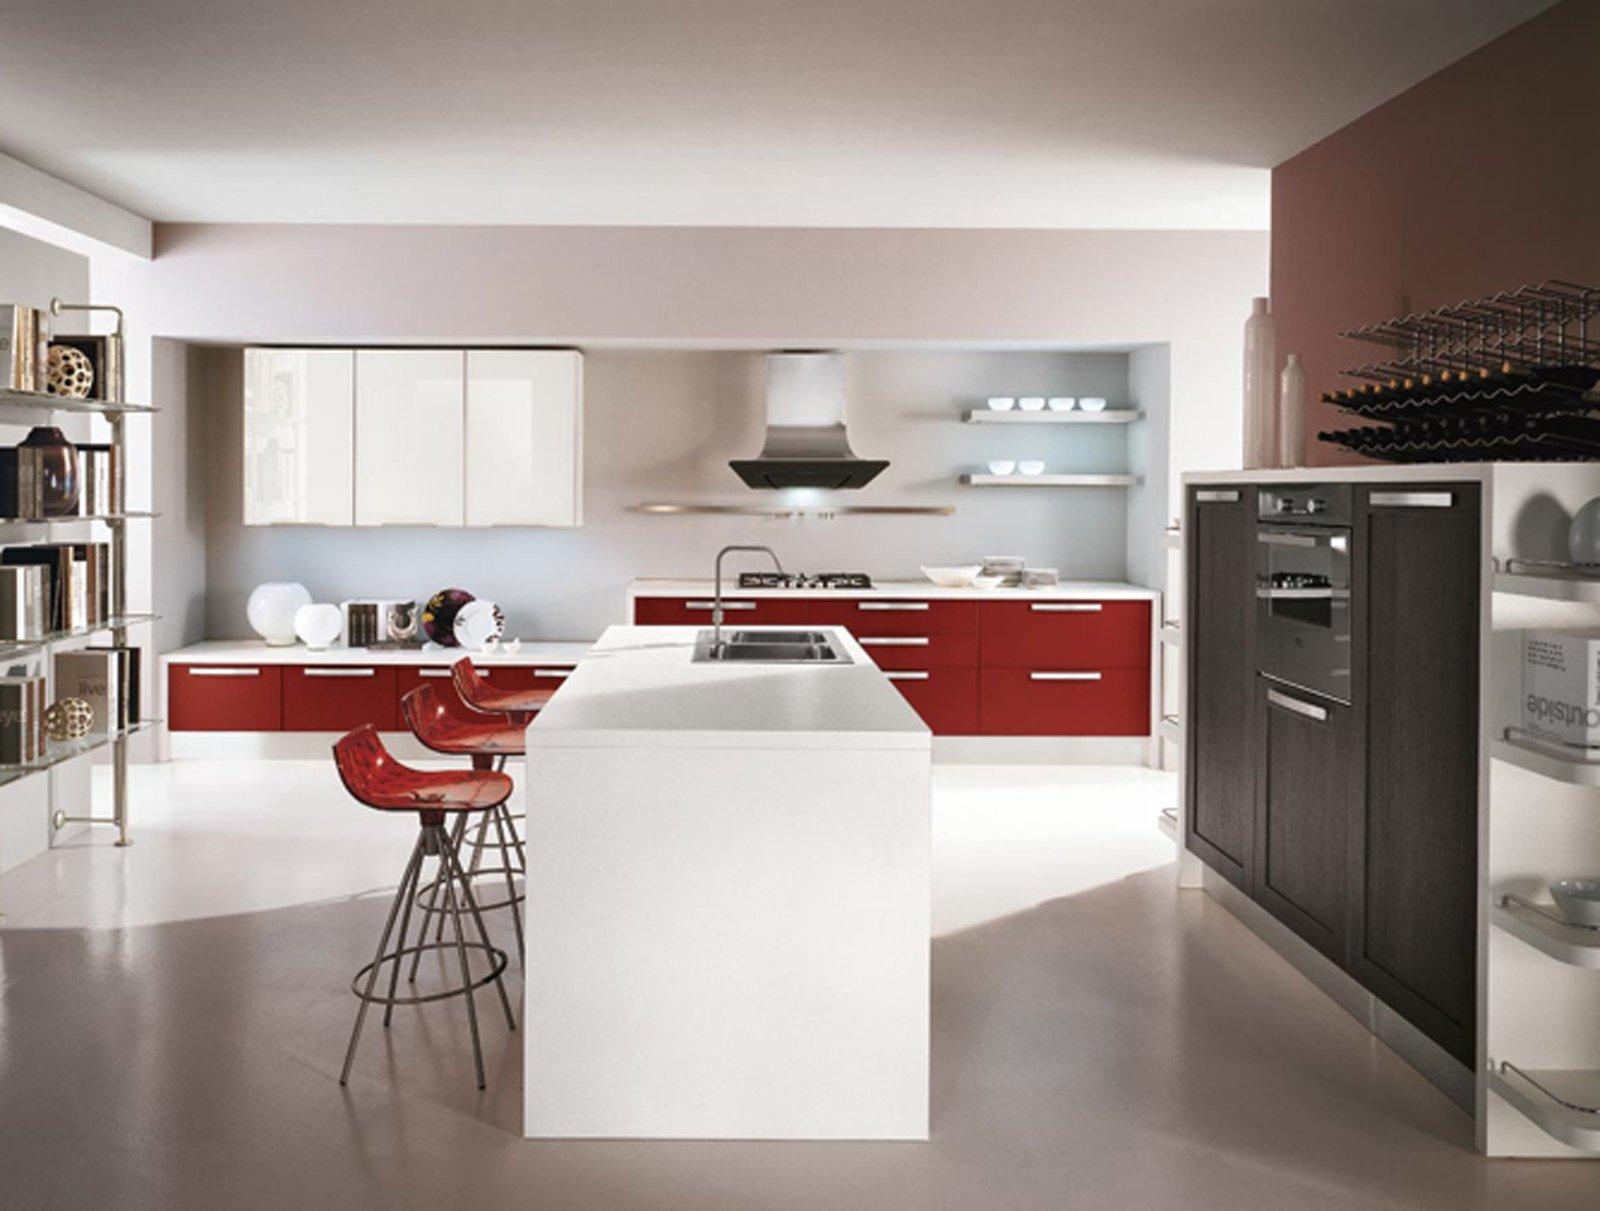 Cucine con isola cose di casa - Cucine con isola lube ...